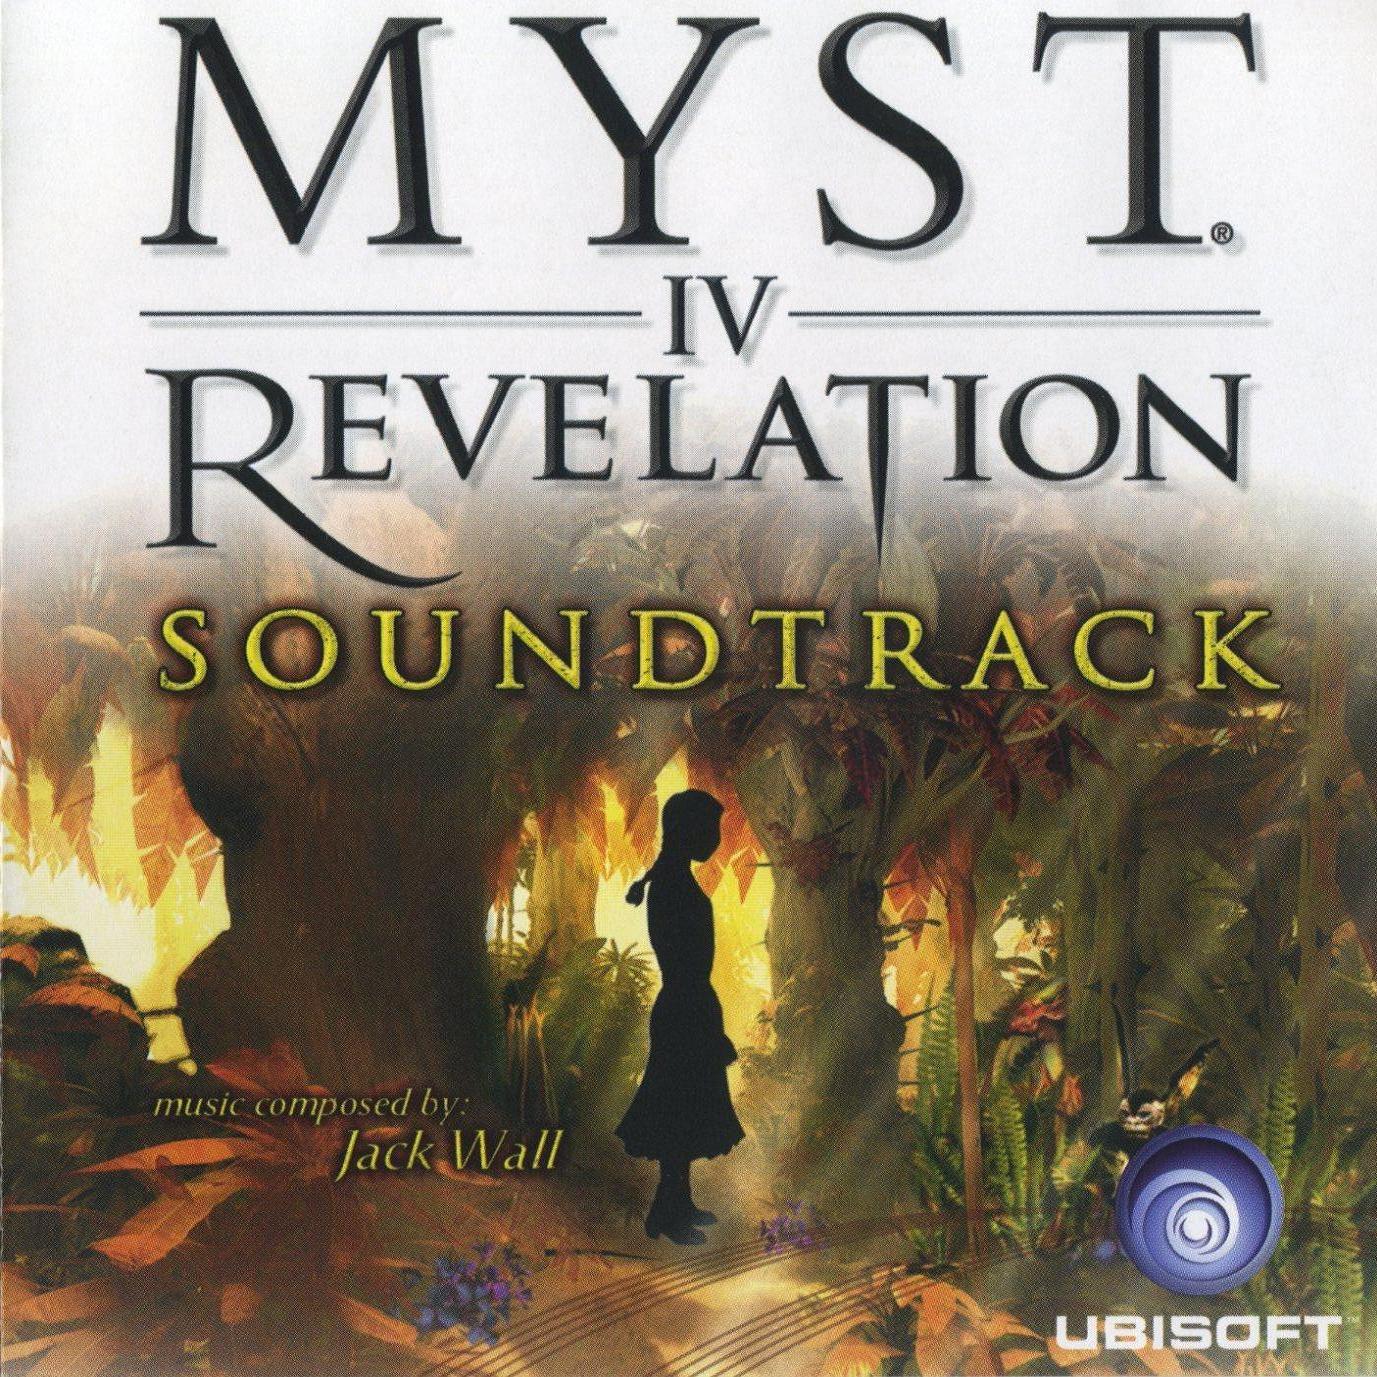 Myst Iv Revelation Soundtrack Soundtrack From Myst Iv